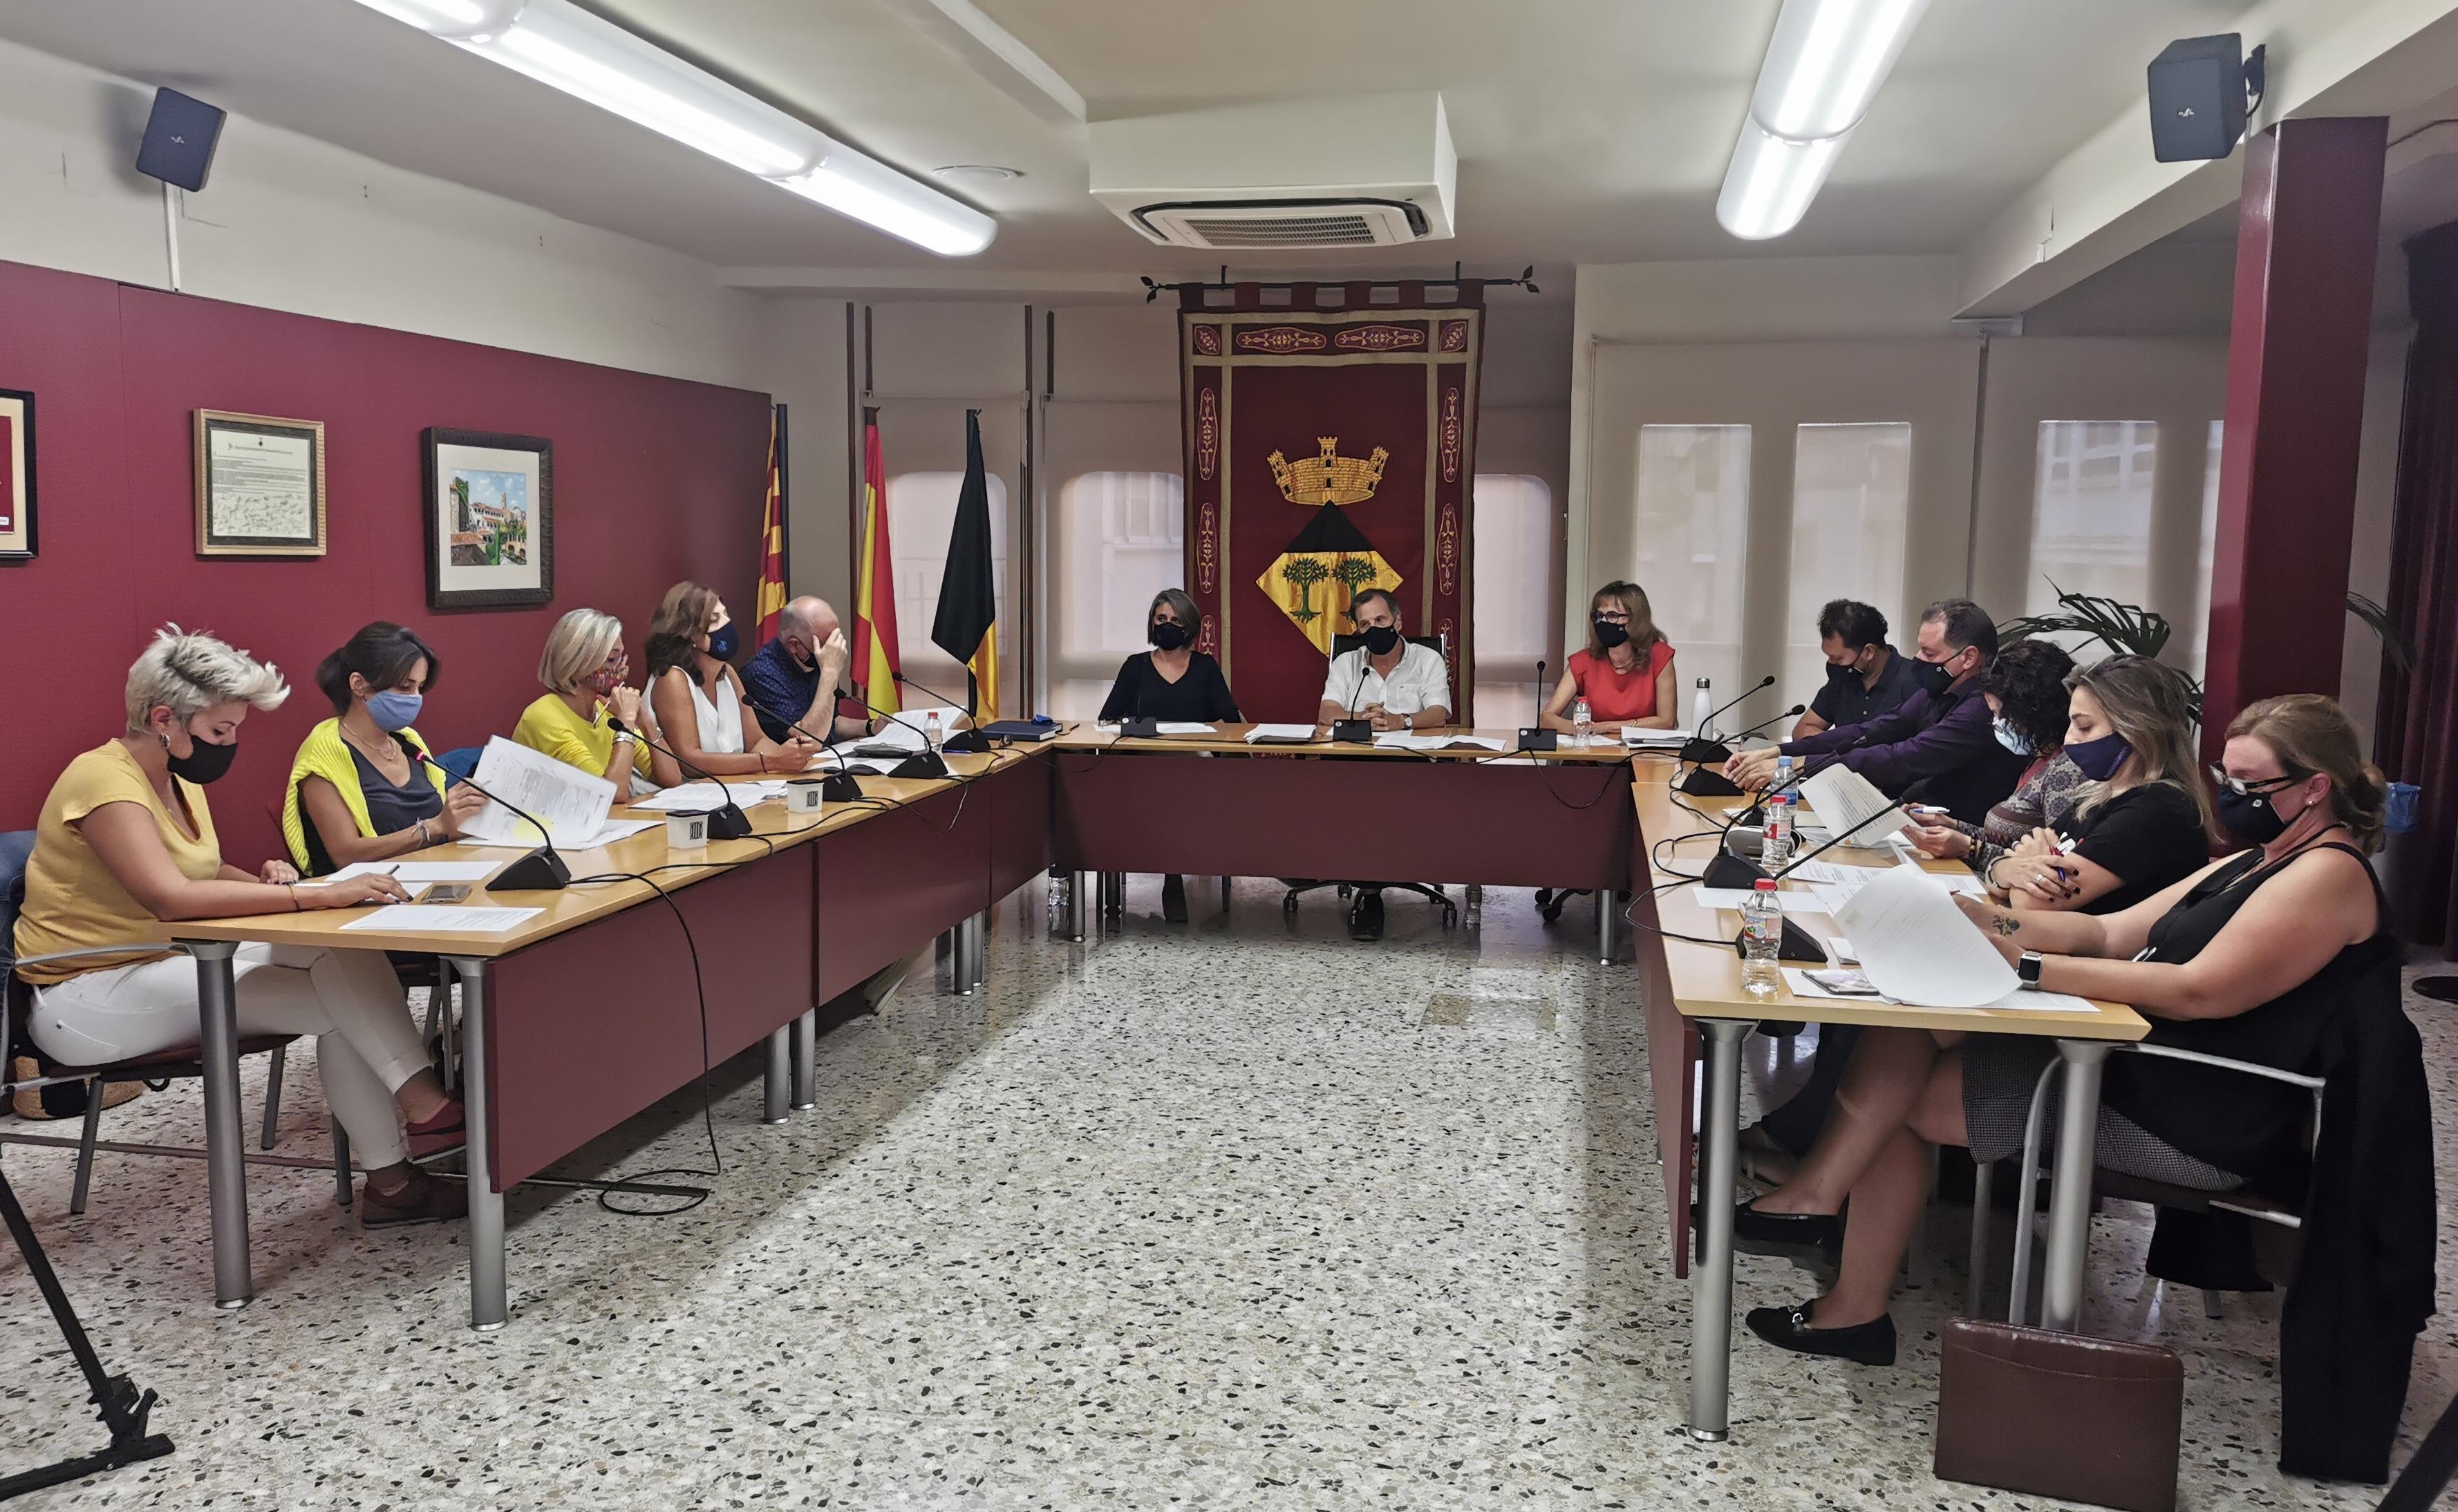 Aprovat definitivament el Reglament Orgànic Municipal de l'Ajuntament de Vandellòs i l'Hospitalet de l'Infant